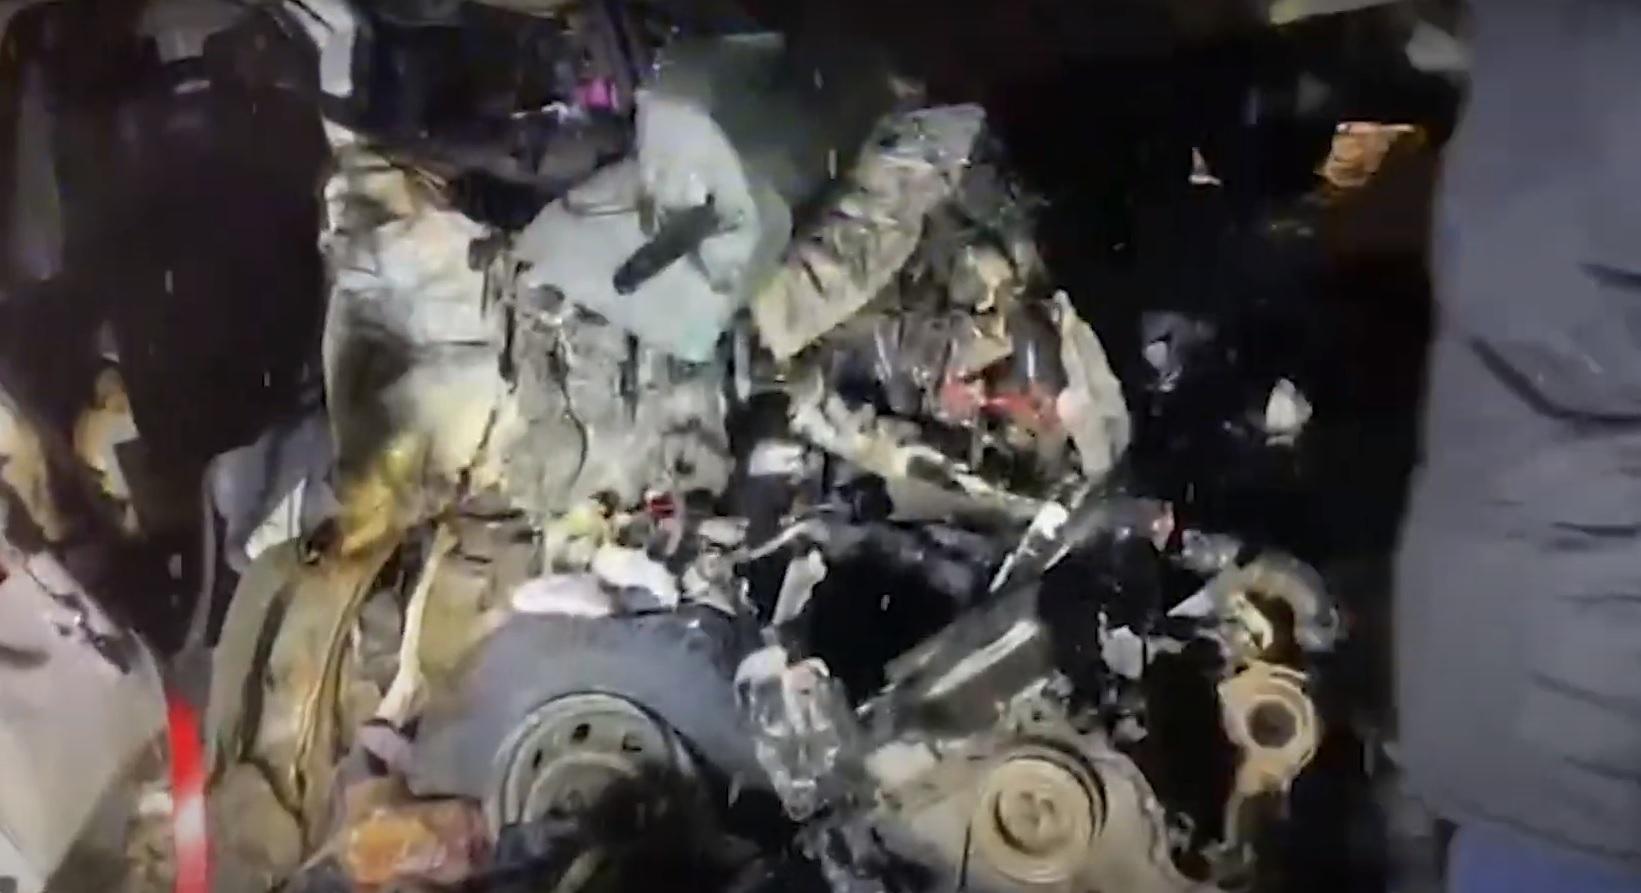 Погибли 12 человек: опубликовано видео с места страшной аварии на М-5 в Самарской области